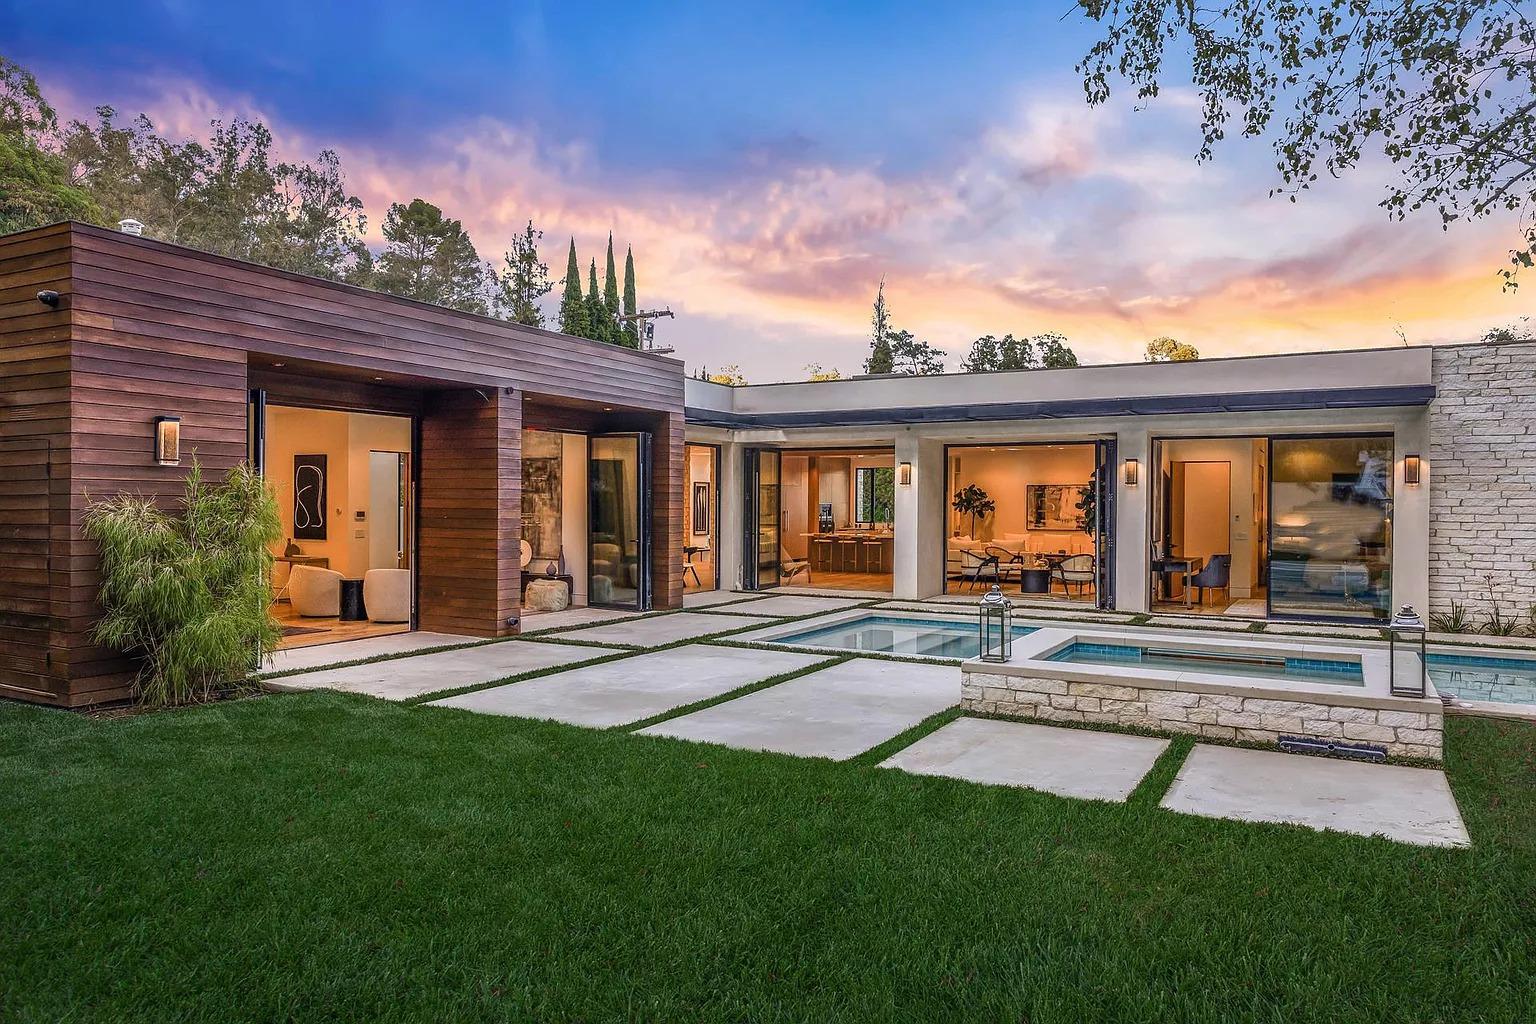 9988 Liebe Dr,Beverly Hills, CA 90210